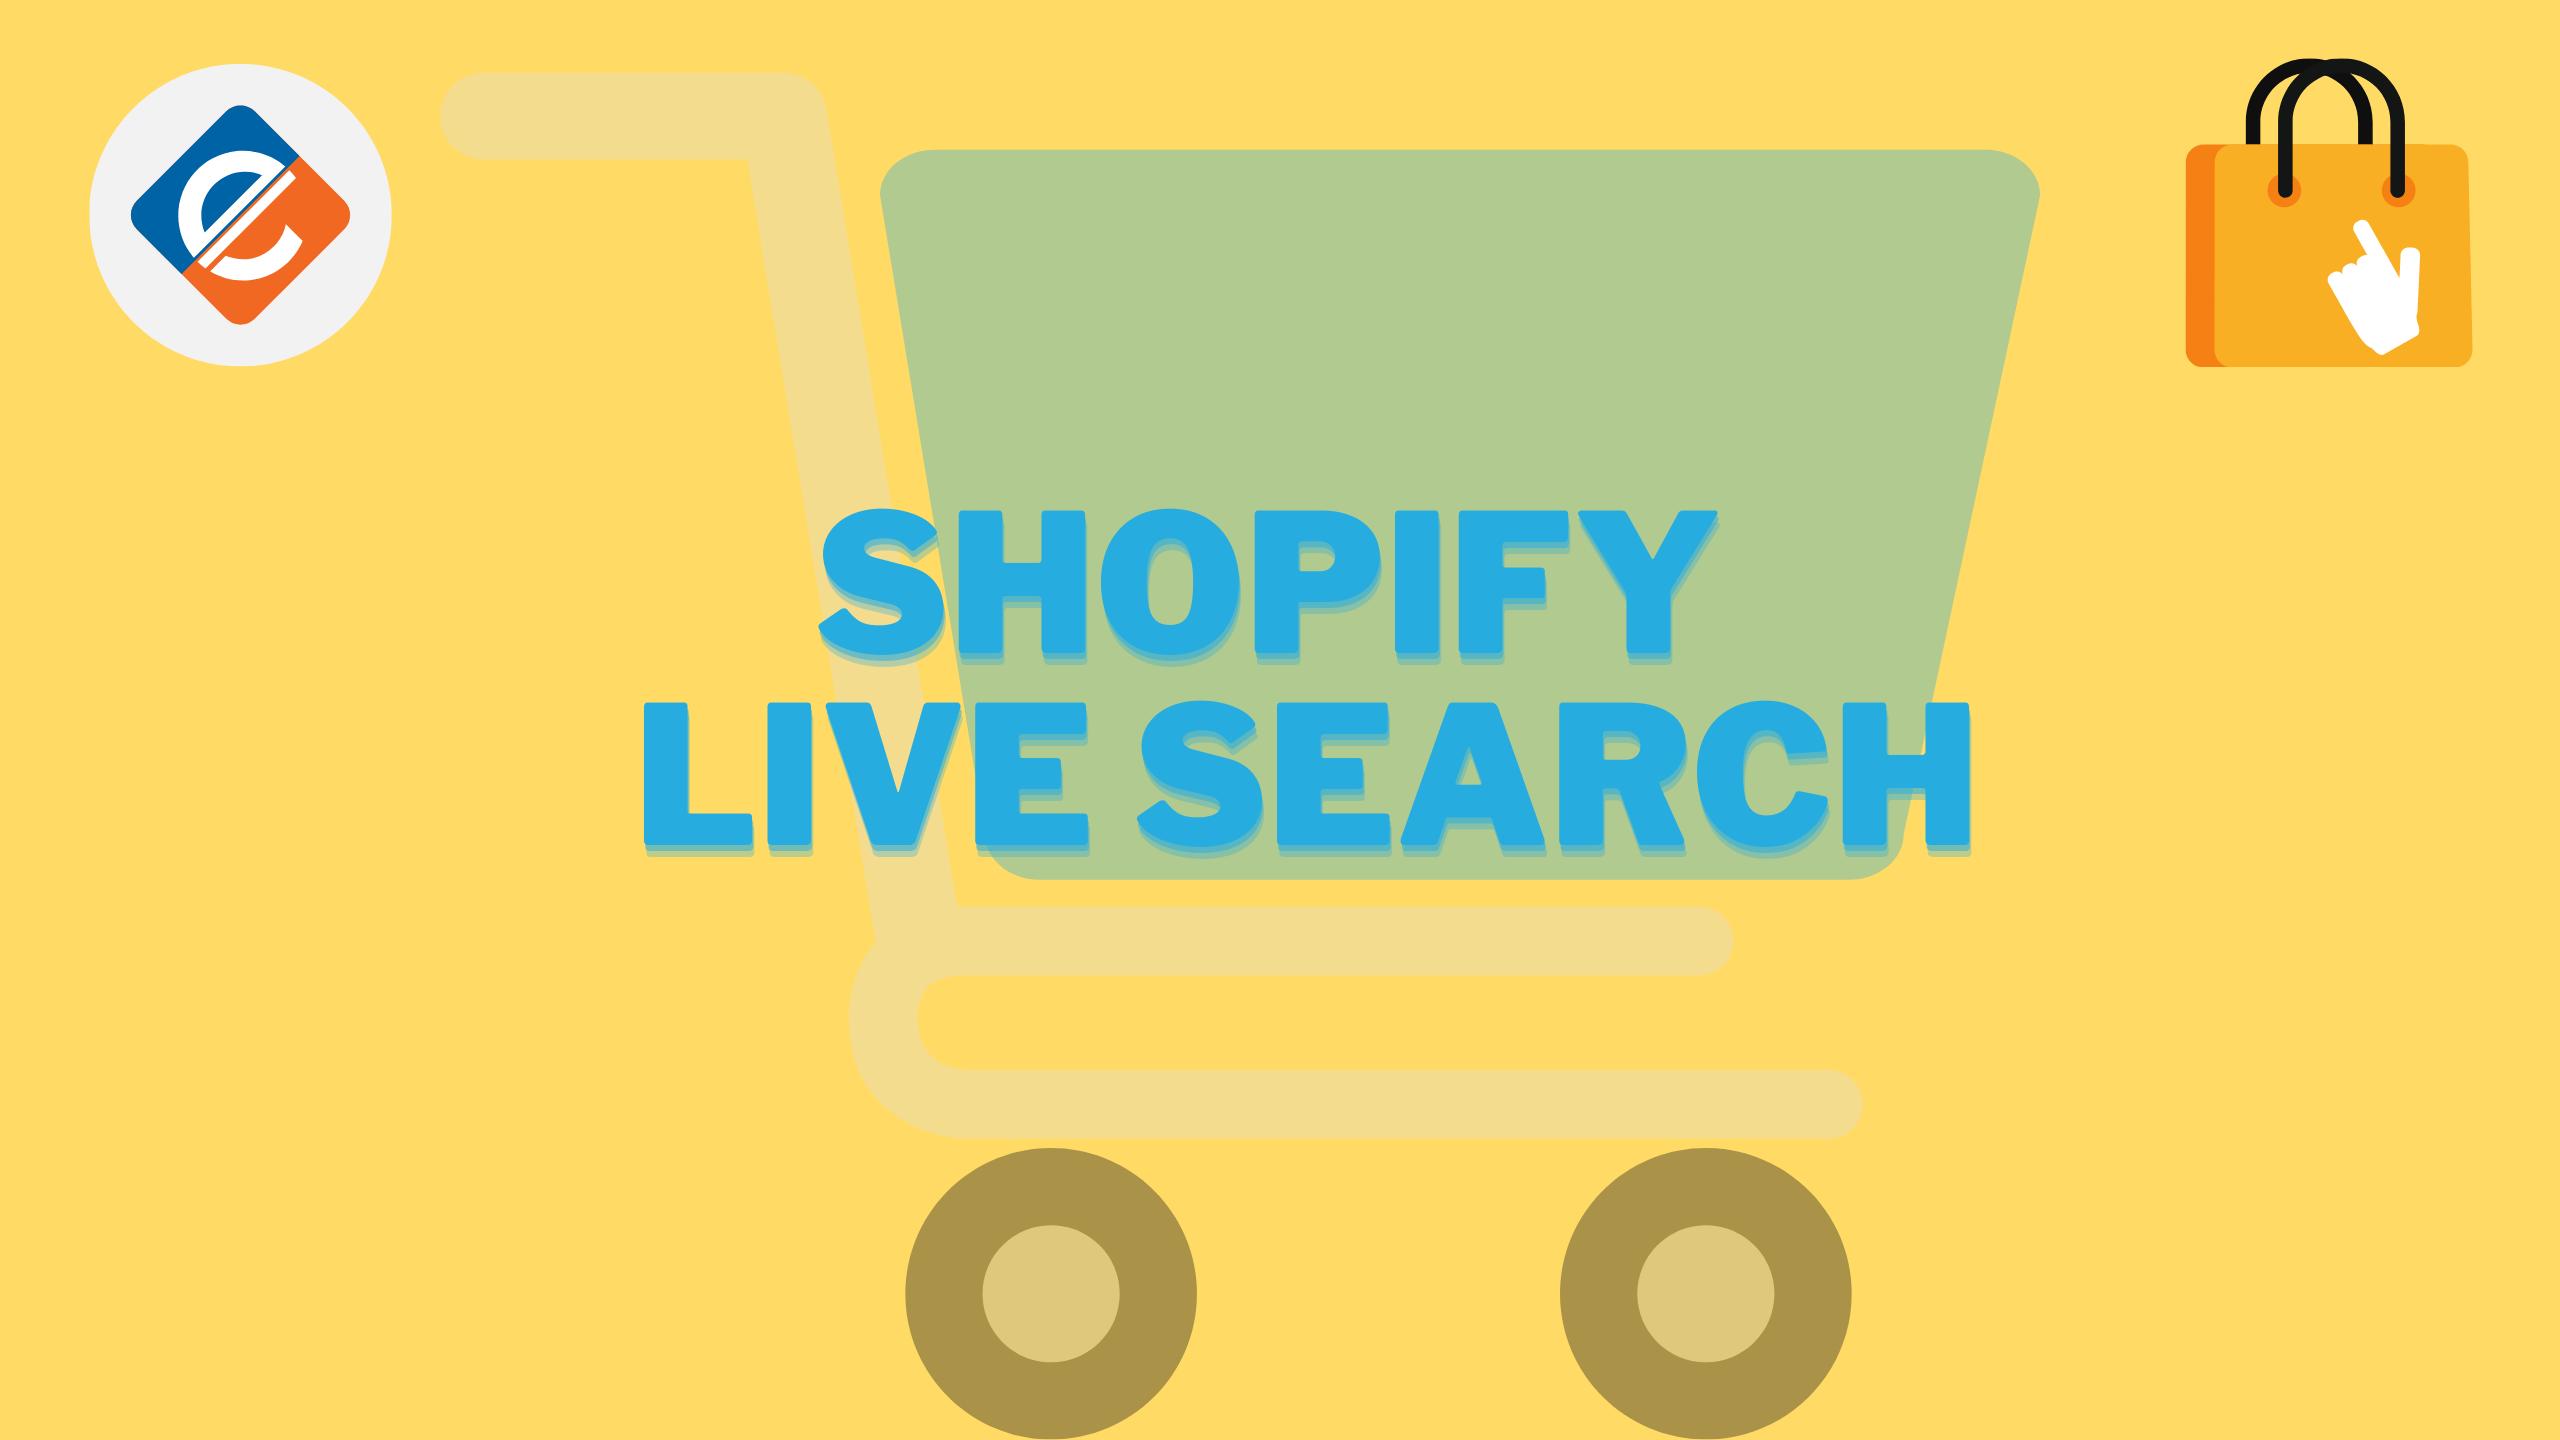 Shopify Live Search